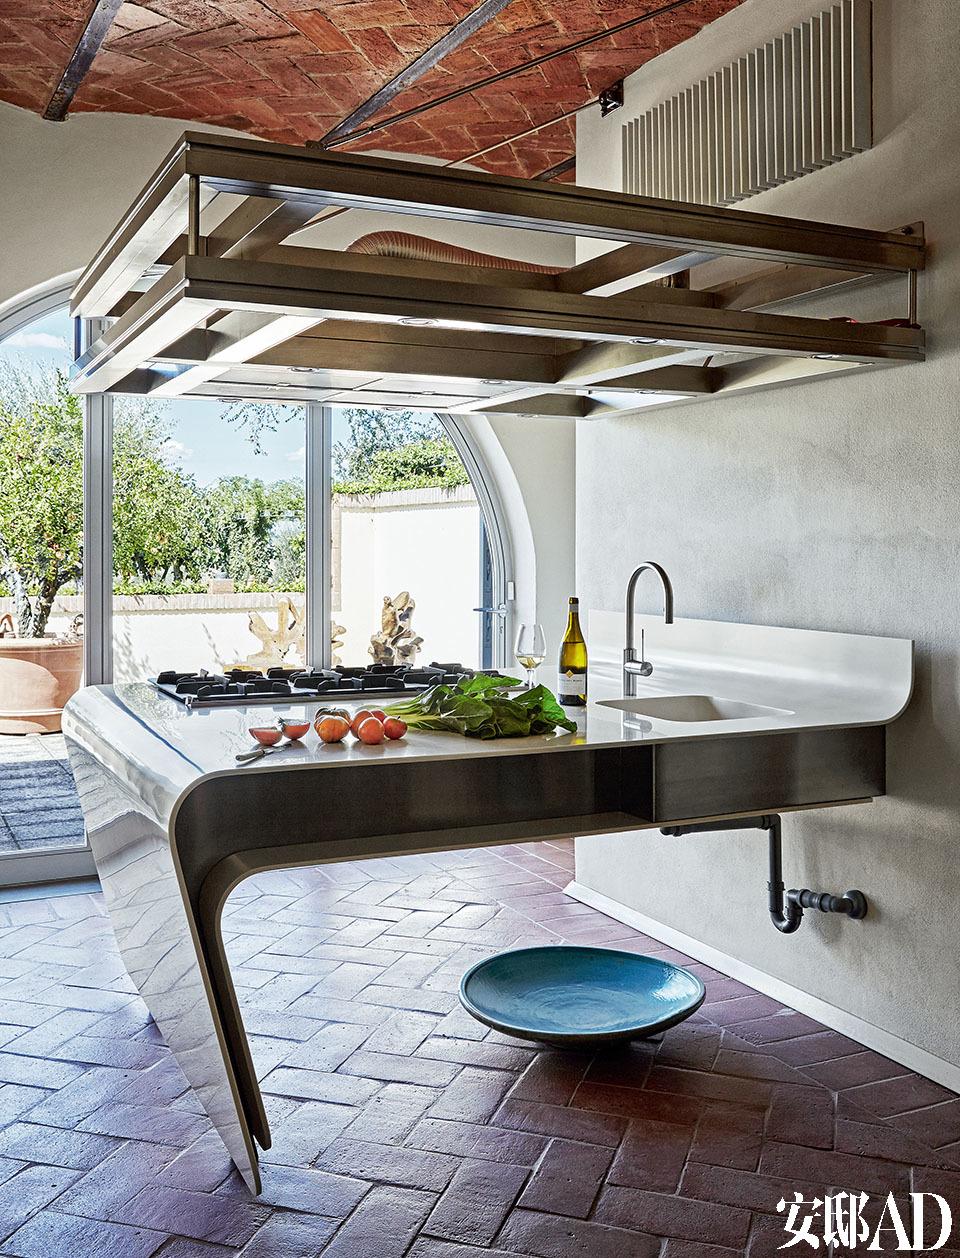 流线造型的厨房岛台好似一件艺术品,其实用功能又巧妙地令整个家不再冰冷。厨房集成了燃气灶台和带水龙头的水槽,并同时提供了一个很大的工作台空间。这是MdAA建筑公司量身定制的设计。